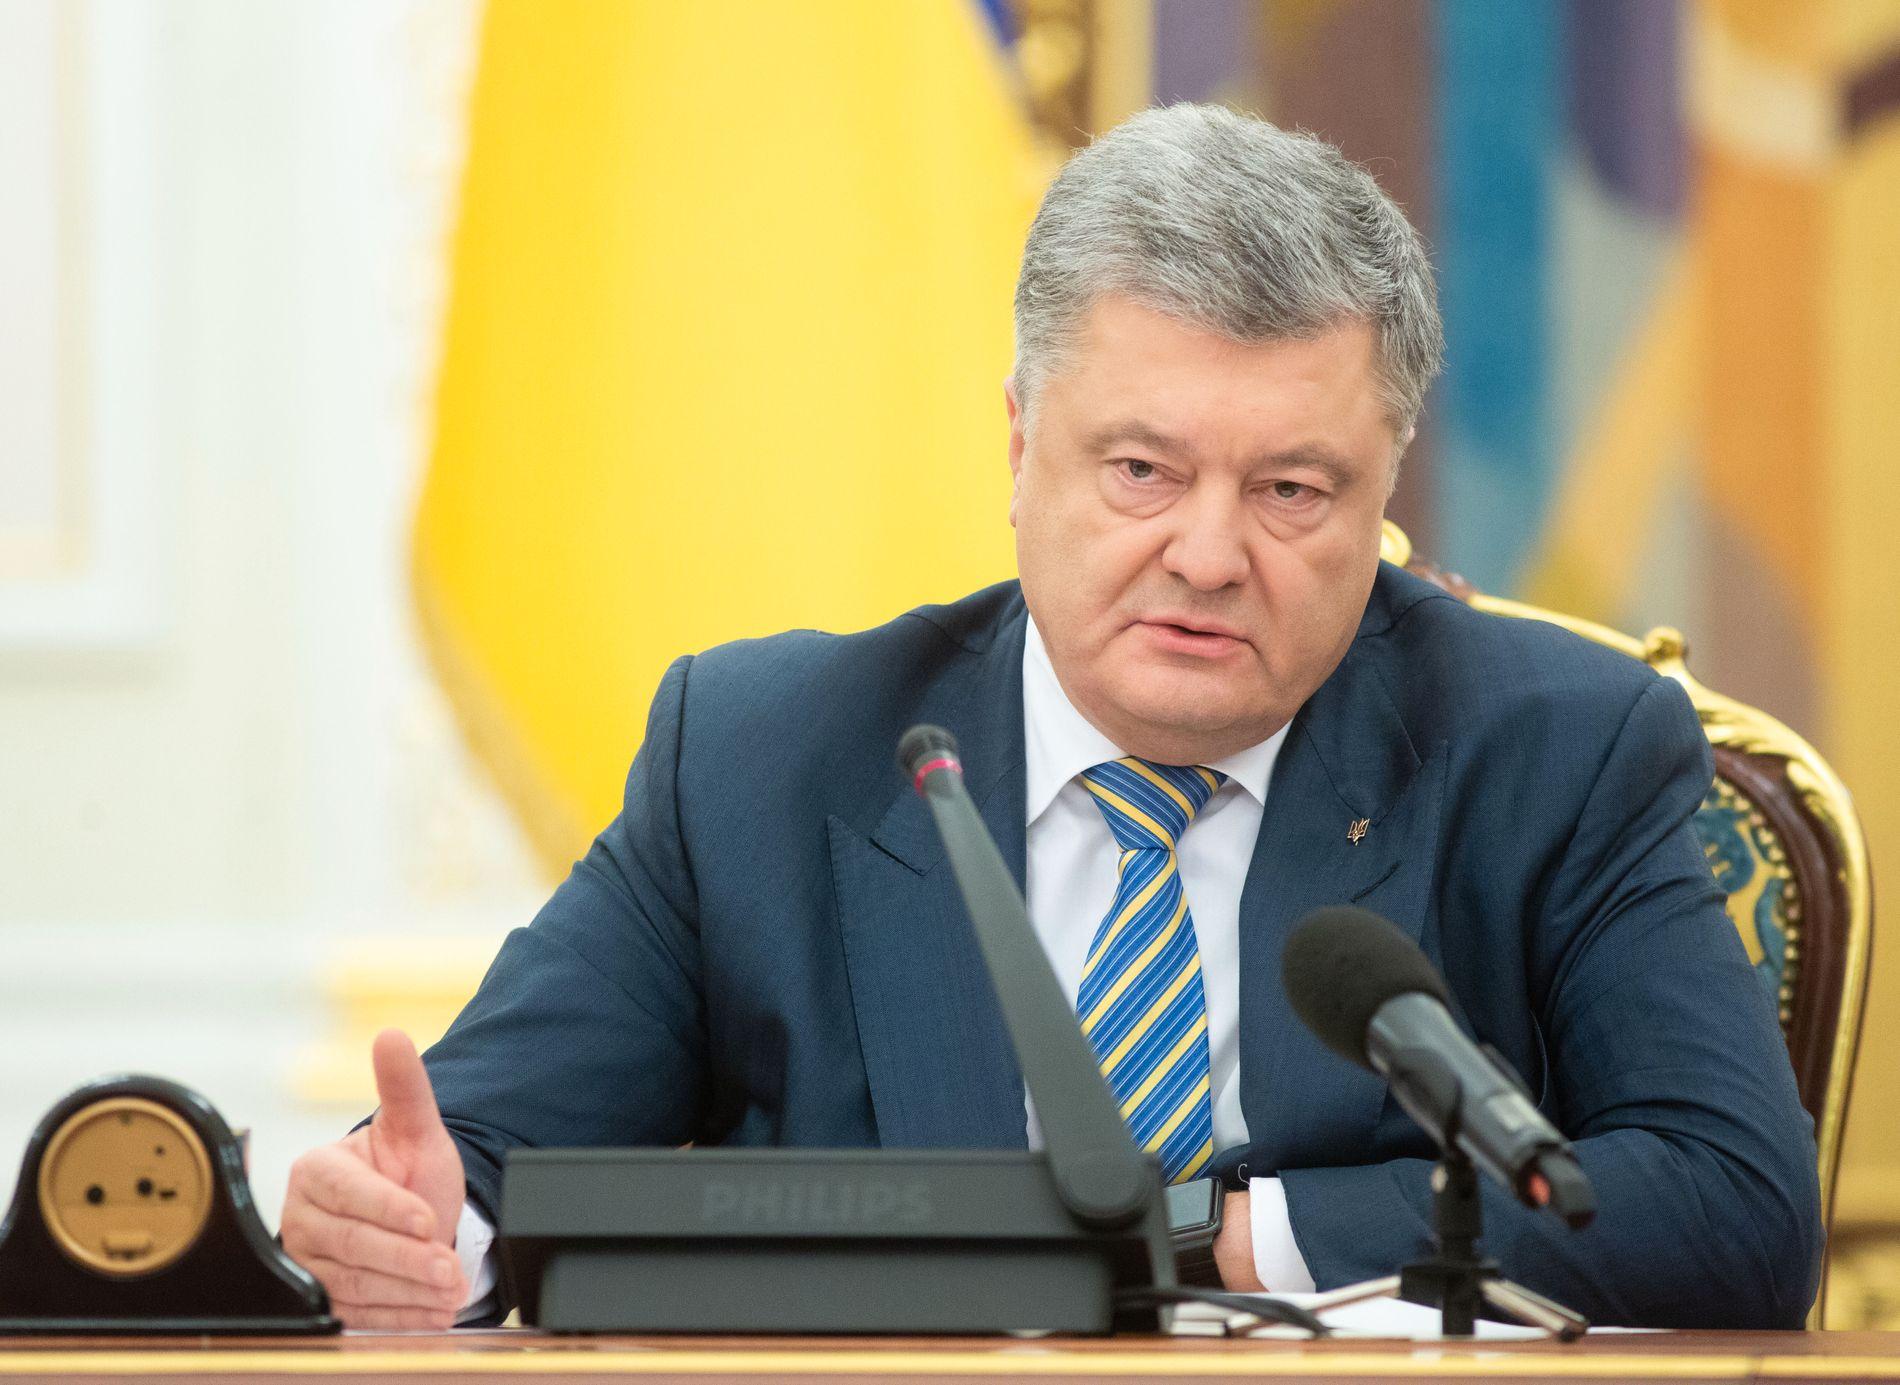 VIL HA UNNTAKSTILSTAND: Ukrainas president Petro Porosjenko bad om unntakstilstand under møtet i Det nasjonale tryggingsrådet. Kravet kom etter at Russland sperra sundet mellom Svartehavet og Azovhavet.